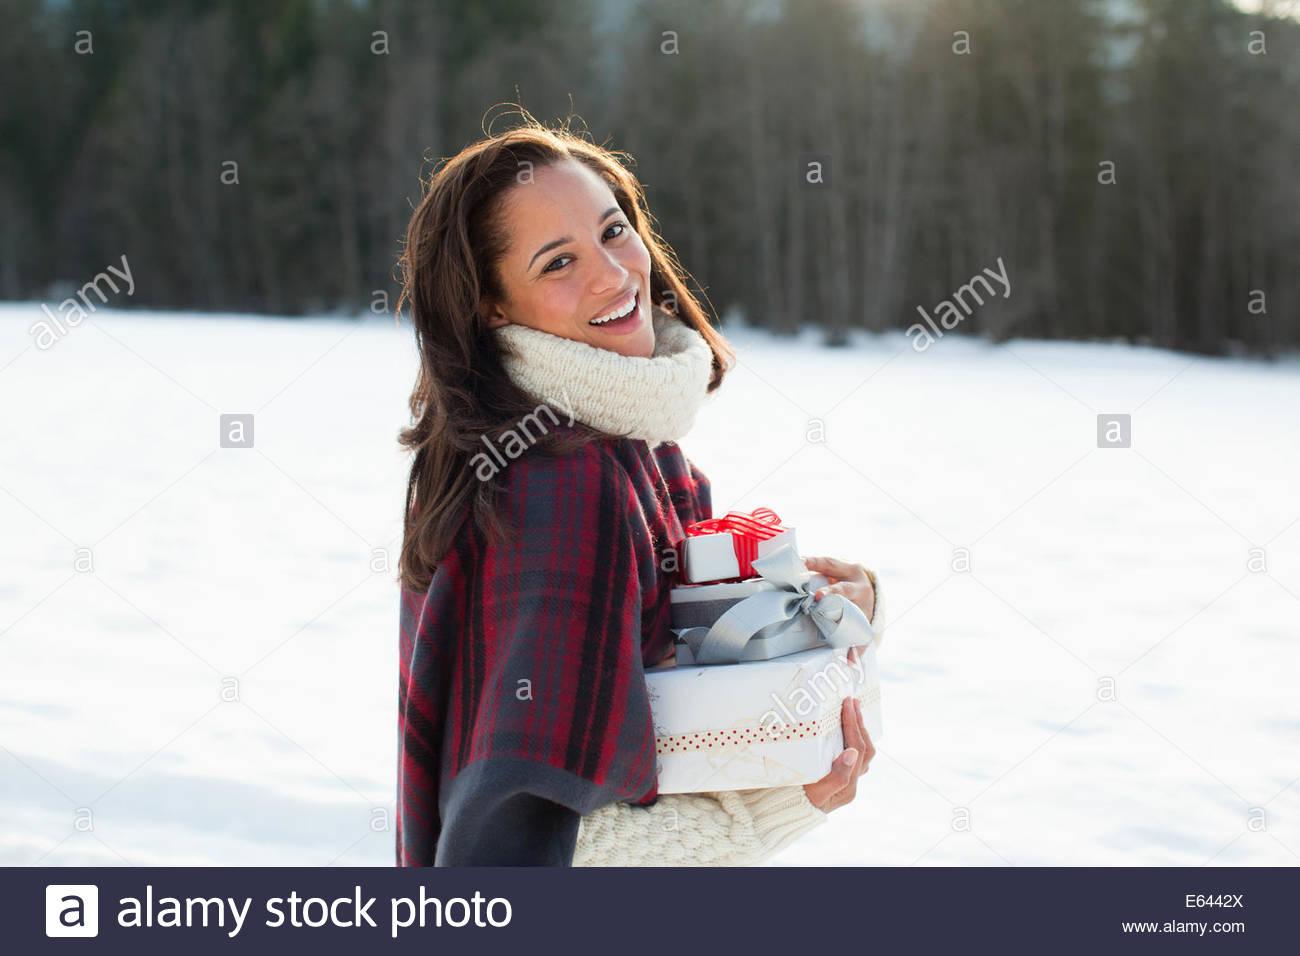 Ritratto di donna sorridente azienda regali di Natale nella neve Immagini Stock